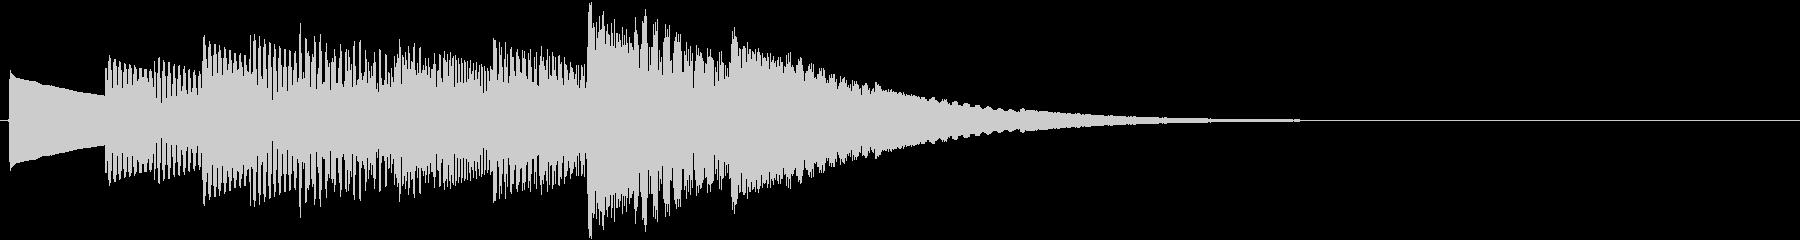 高速で光りきらめくイメージの電子音の未再生の波形